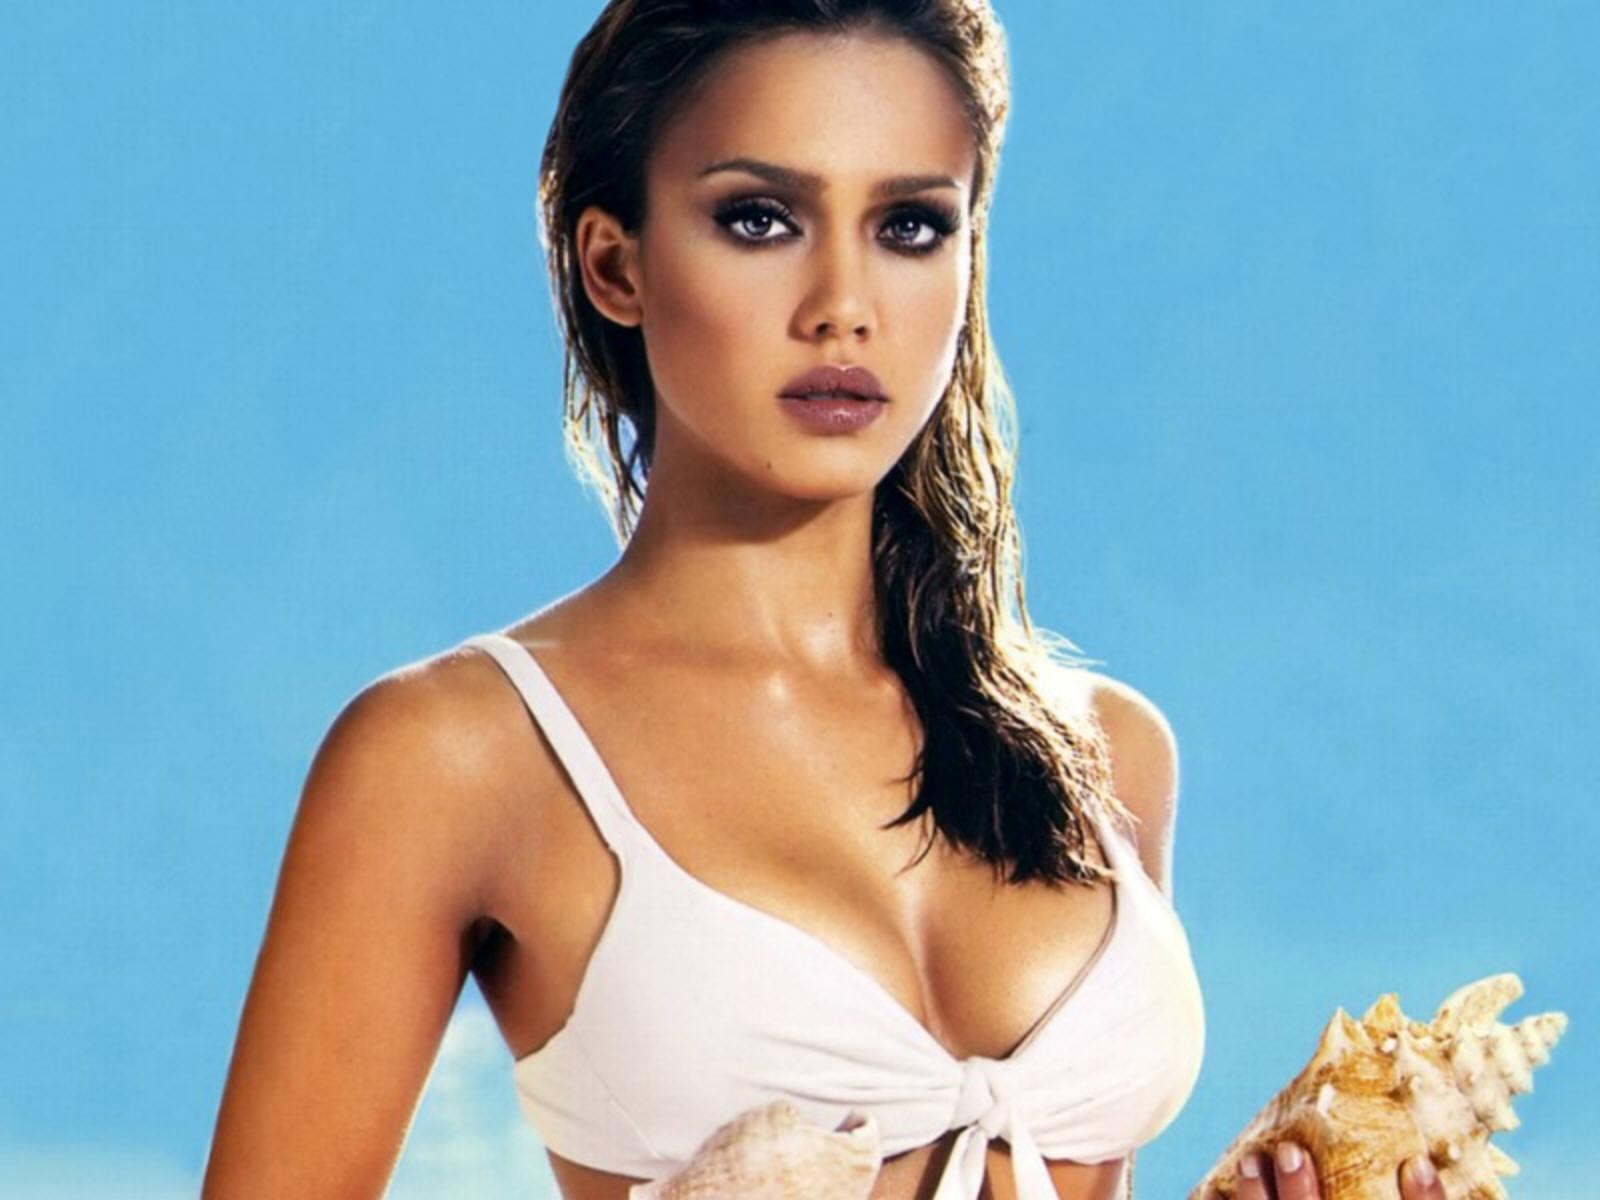 http://3.bp.blogspot.com/-Qo8KsIlaOj0/Tmr_jnPUcyI/AAAAAAAACdA/CXQfiRFBm4I/s1600/Jessica_Alba_265_1600x1200_International_Model_Sexy_Wallpaper.jpg